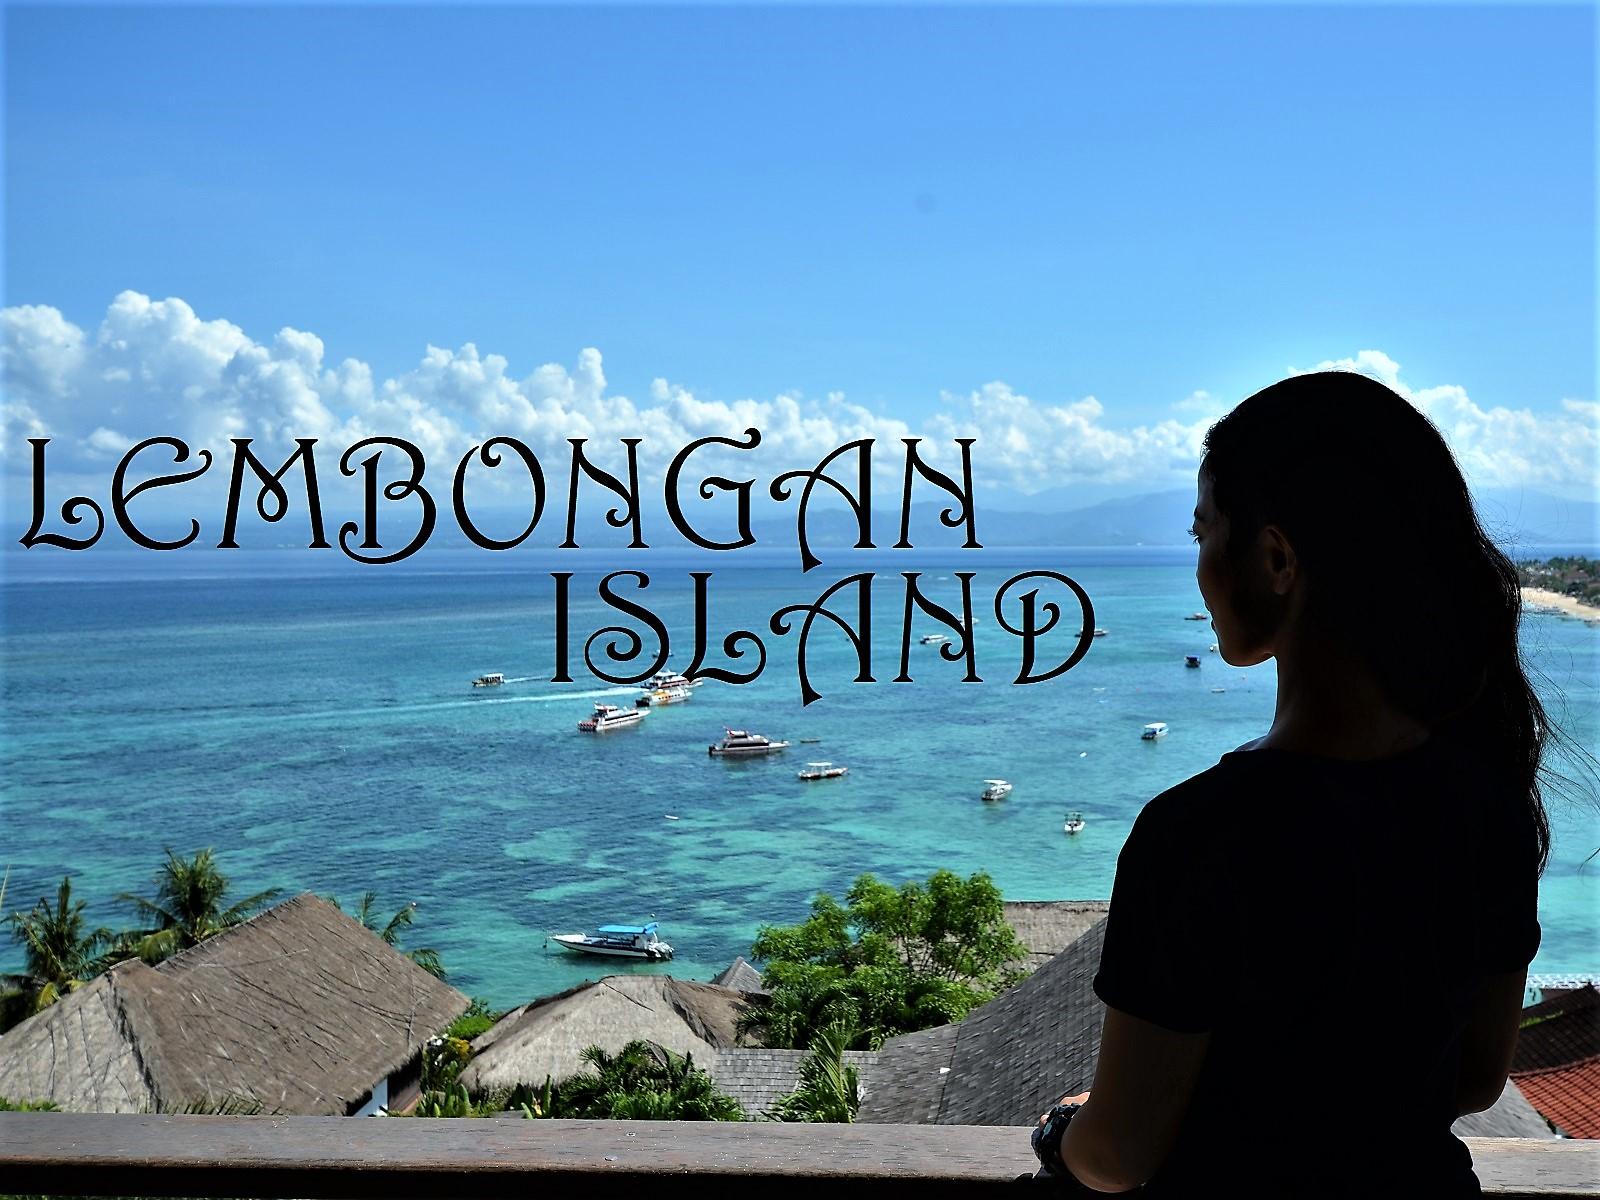 【レンボンガン島】ホテル選びの参考に目的別の宿泊エリア